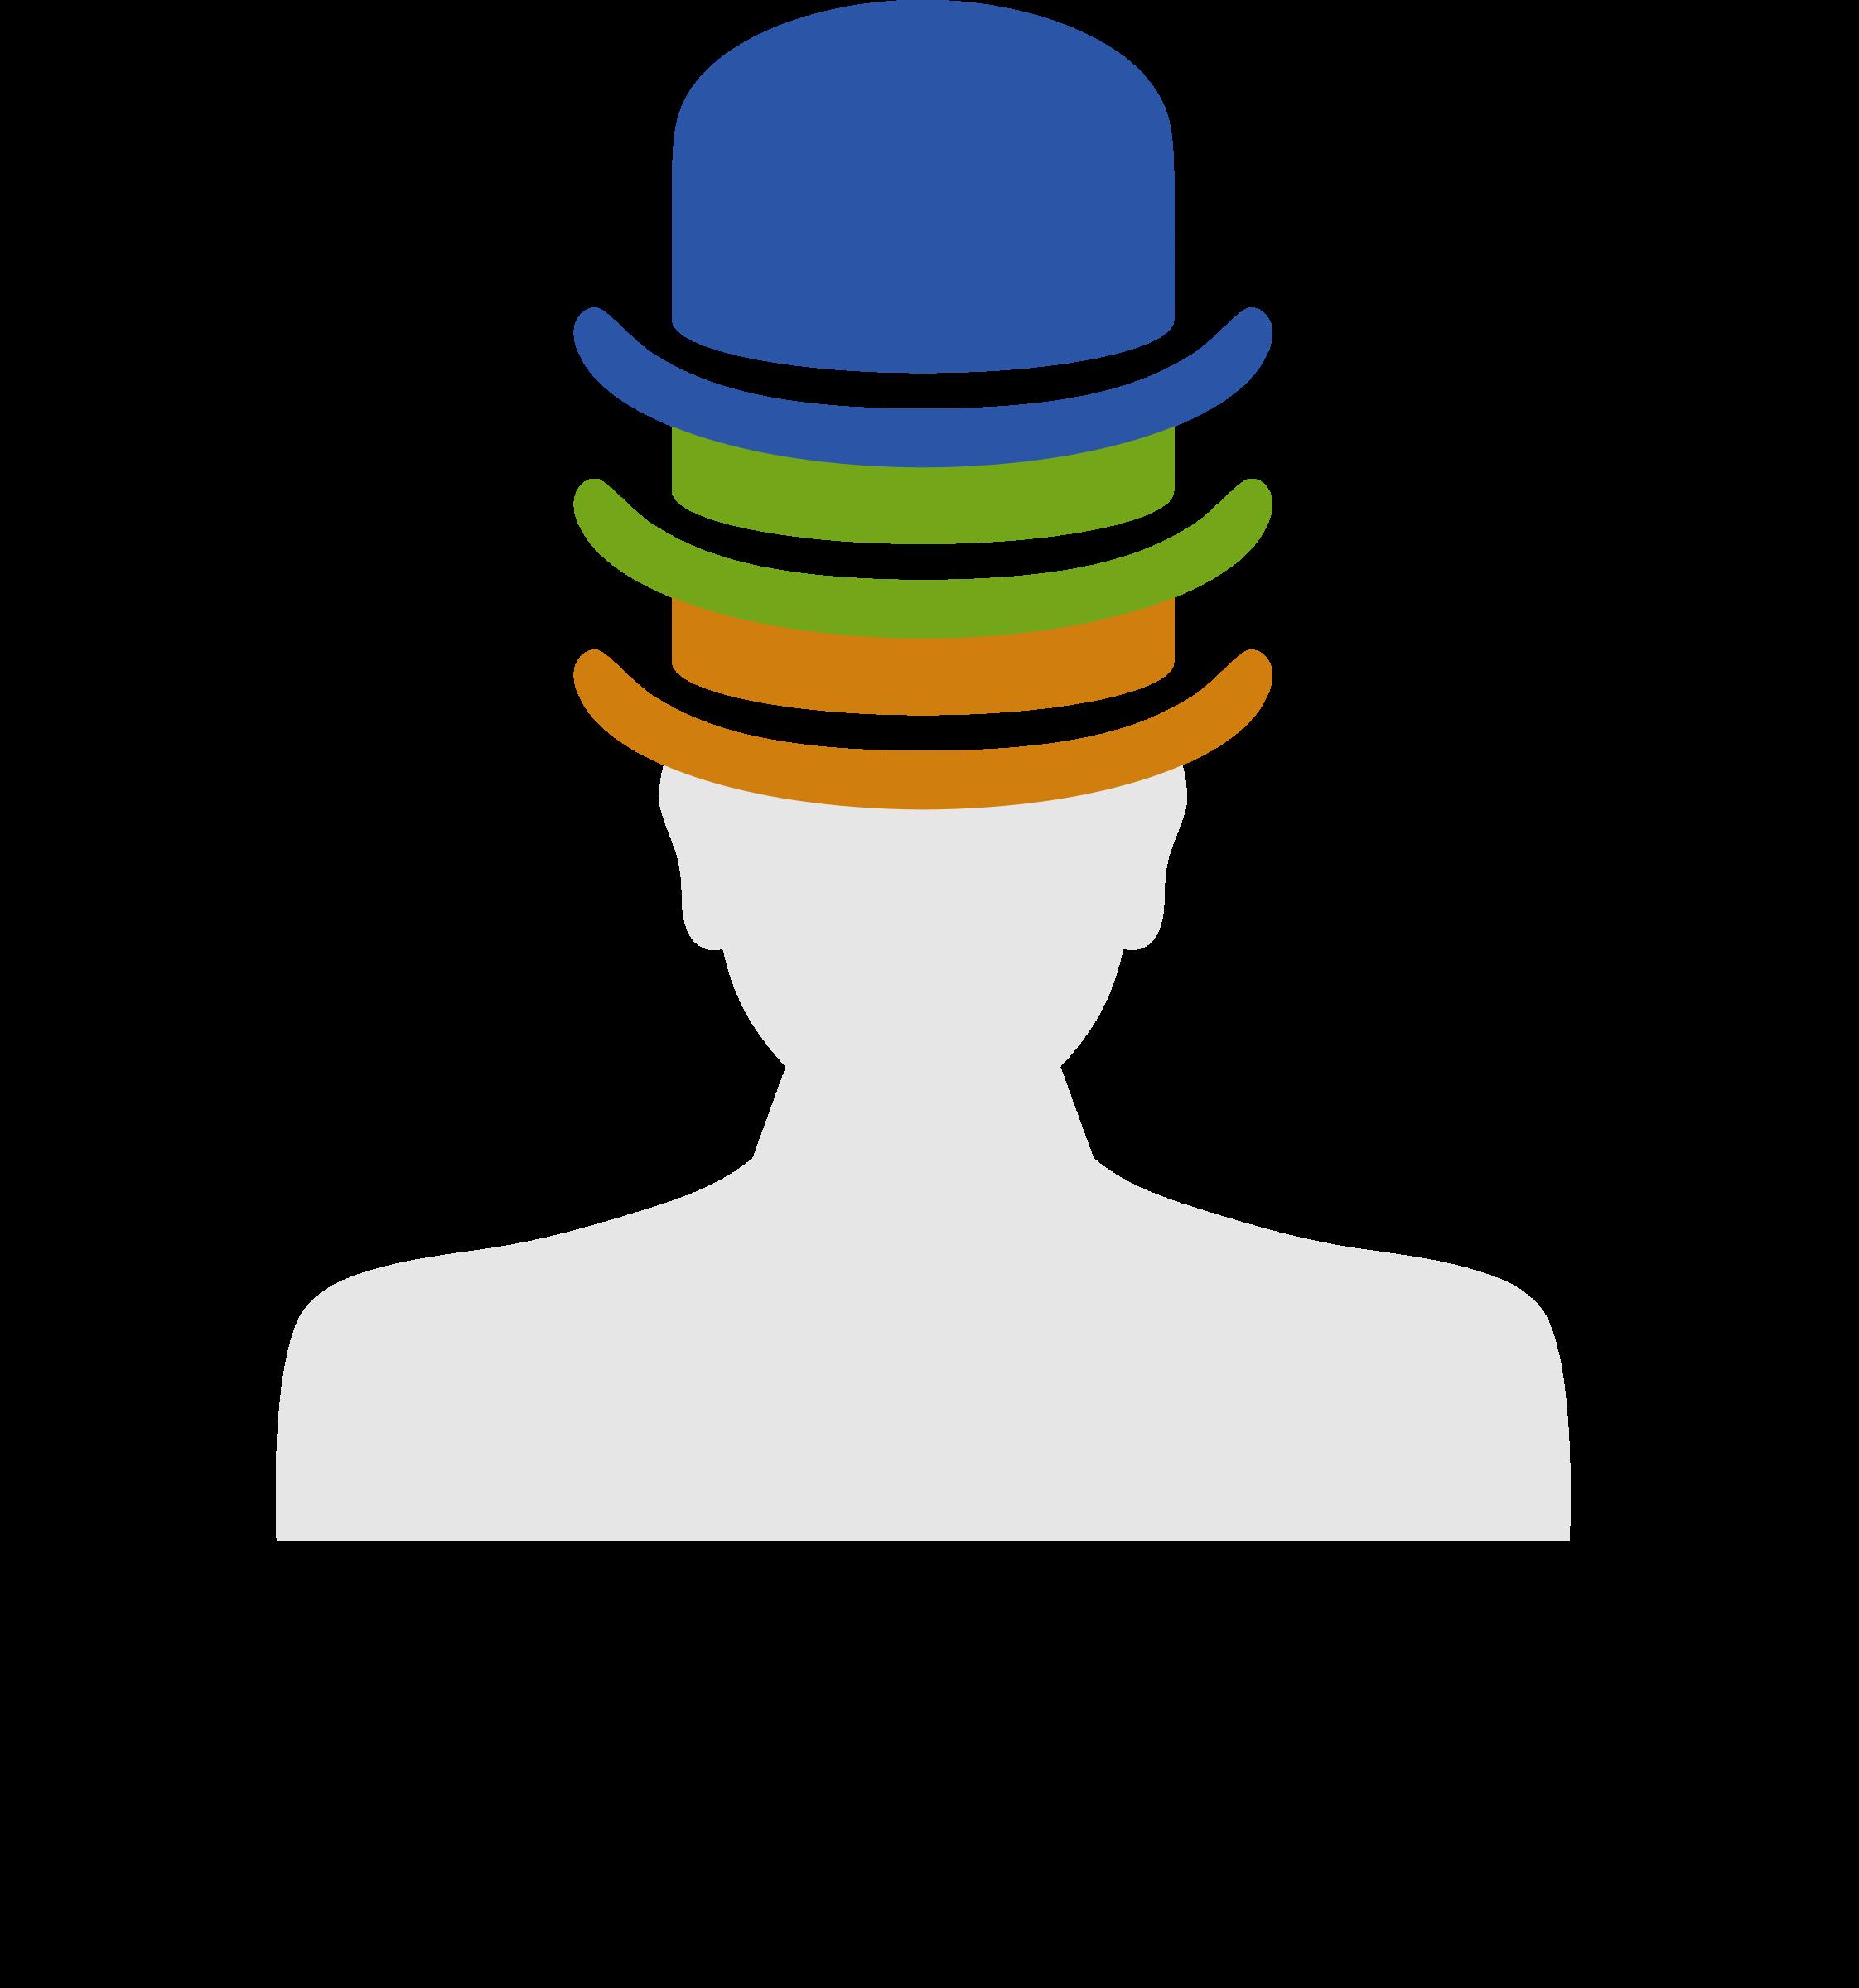 Stacked Logo 2017 - Cambridge Computer